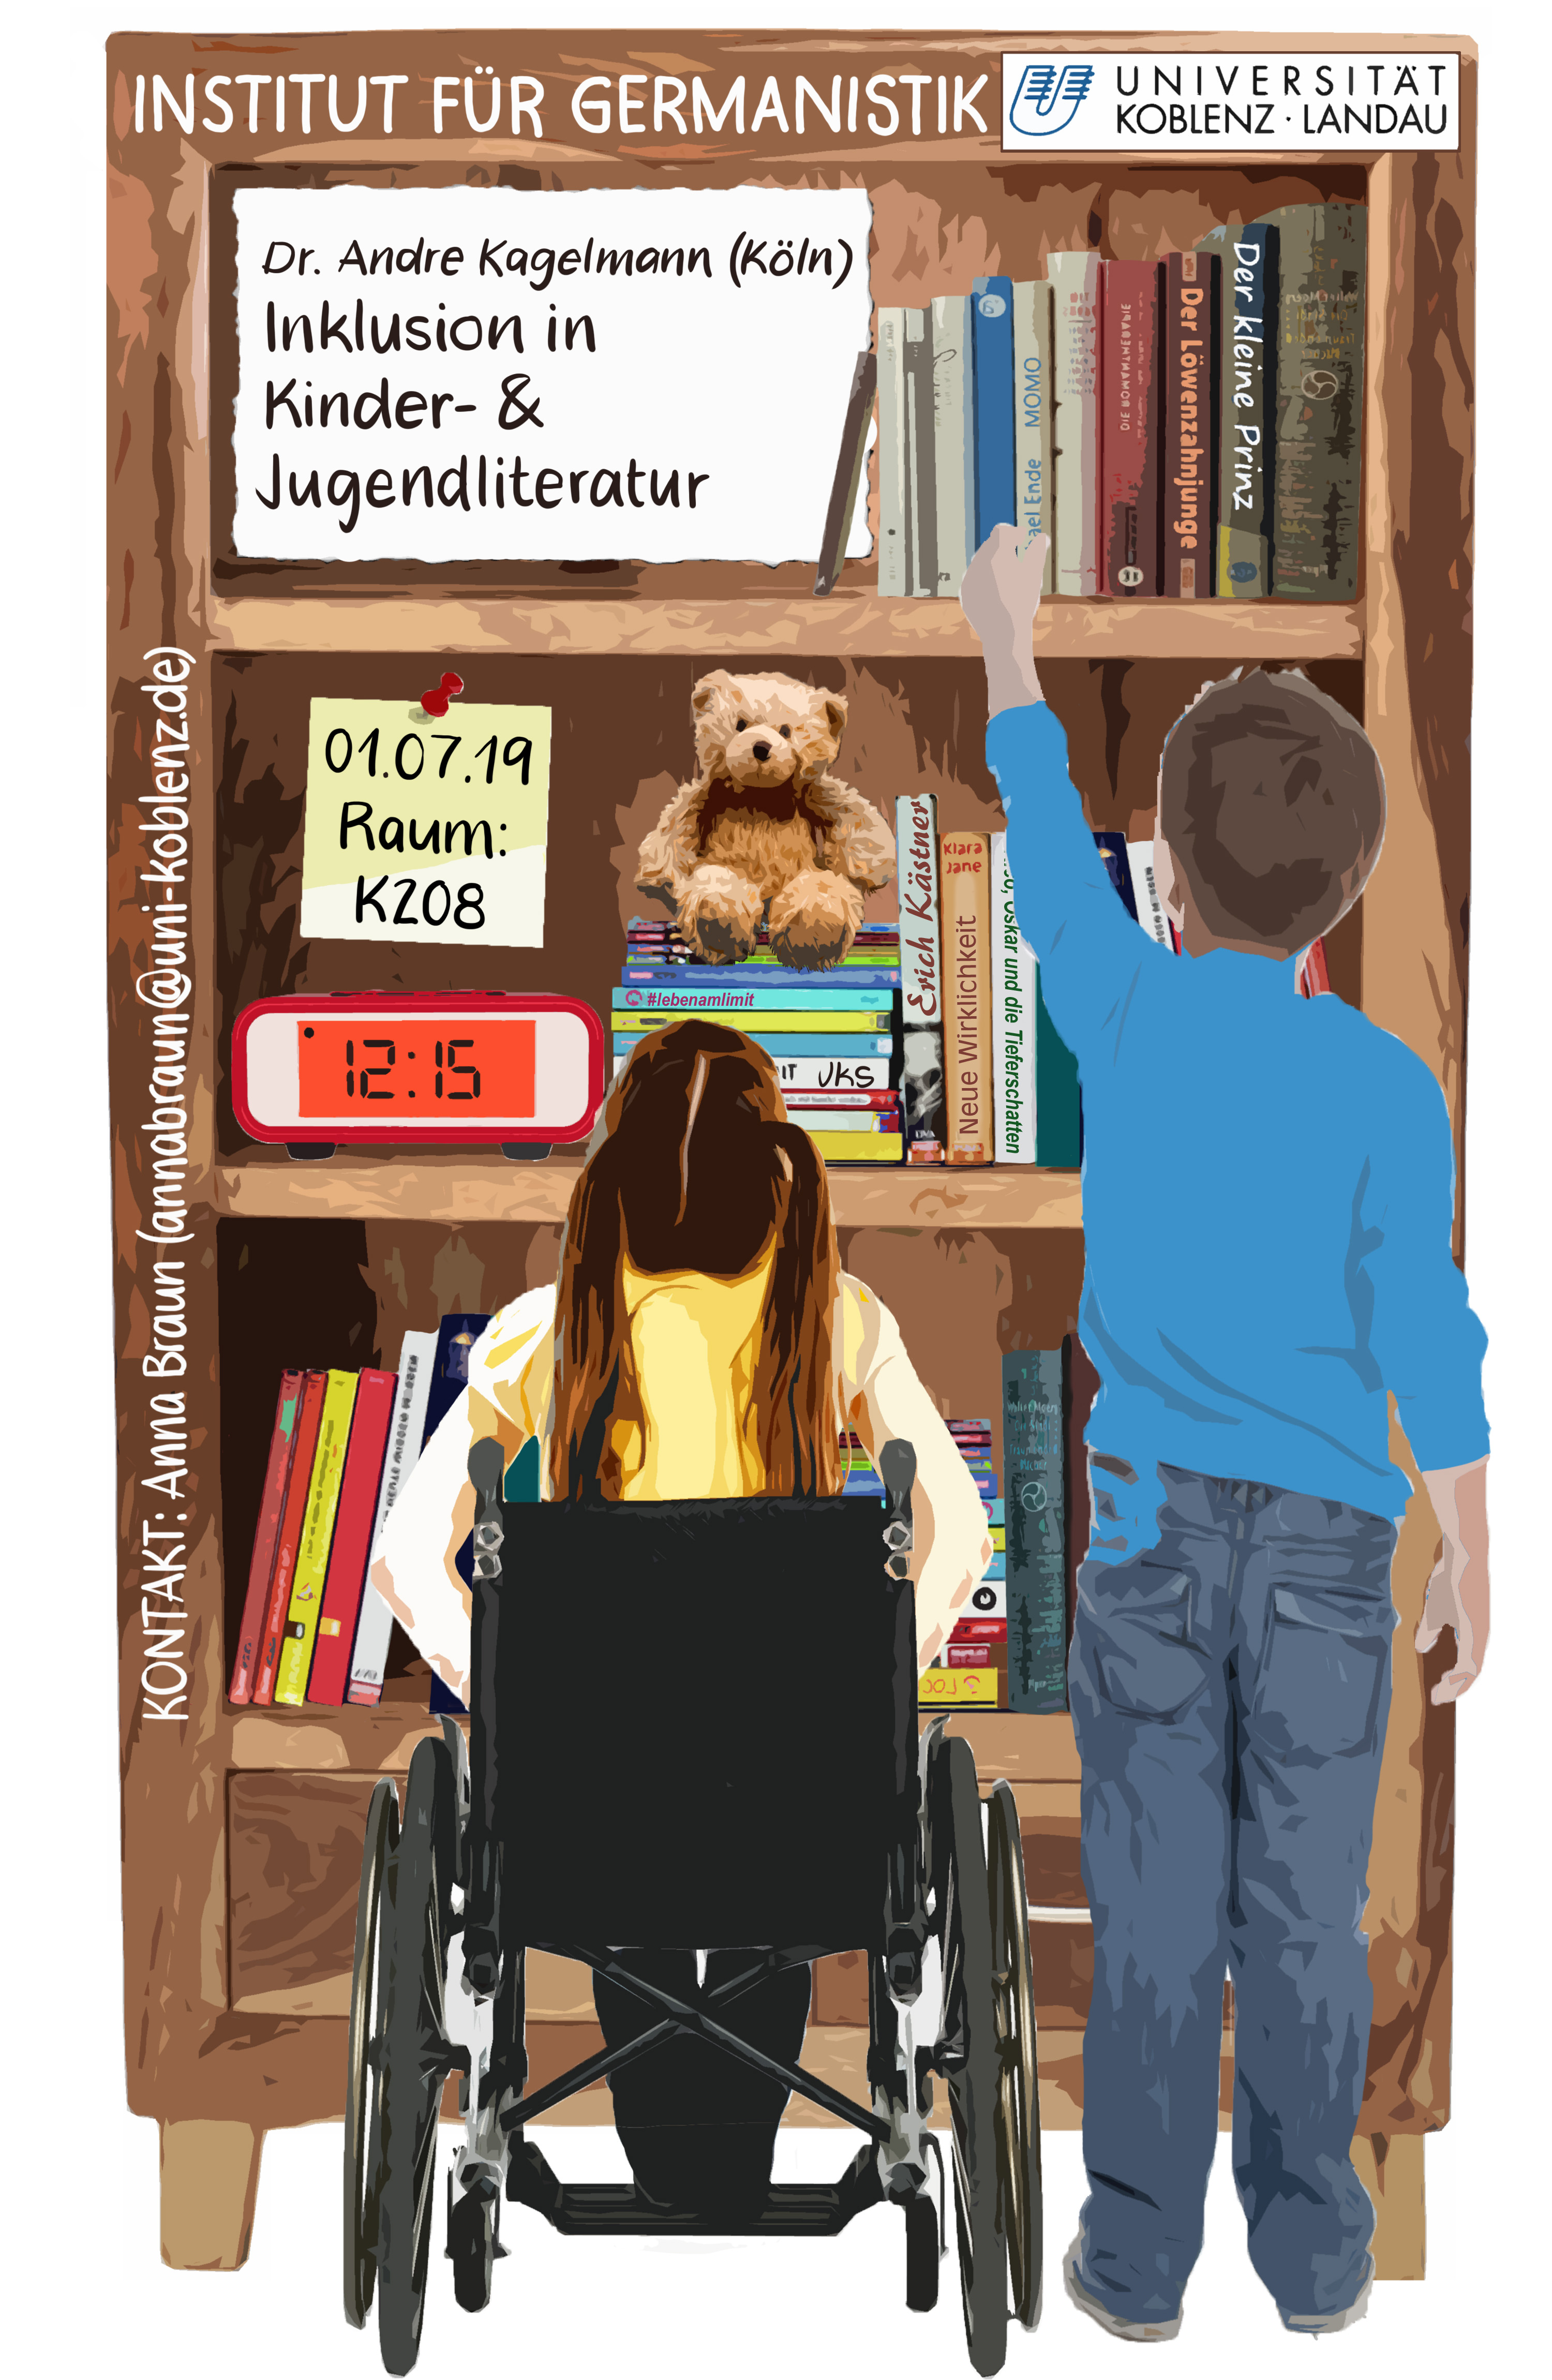 Vortrag /Inklusion in Kinder- >> und Jugendliteratur /von Dr. Andre Kagelmann